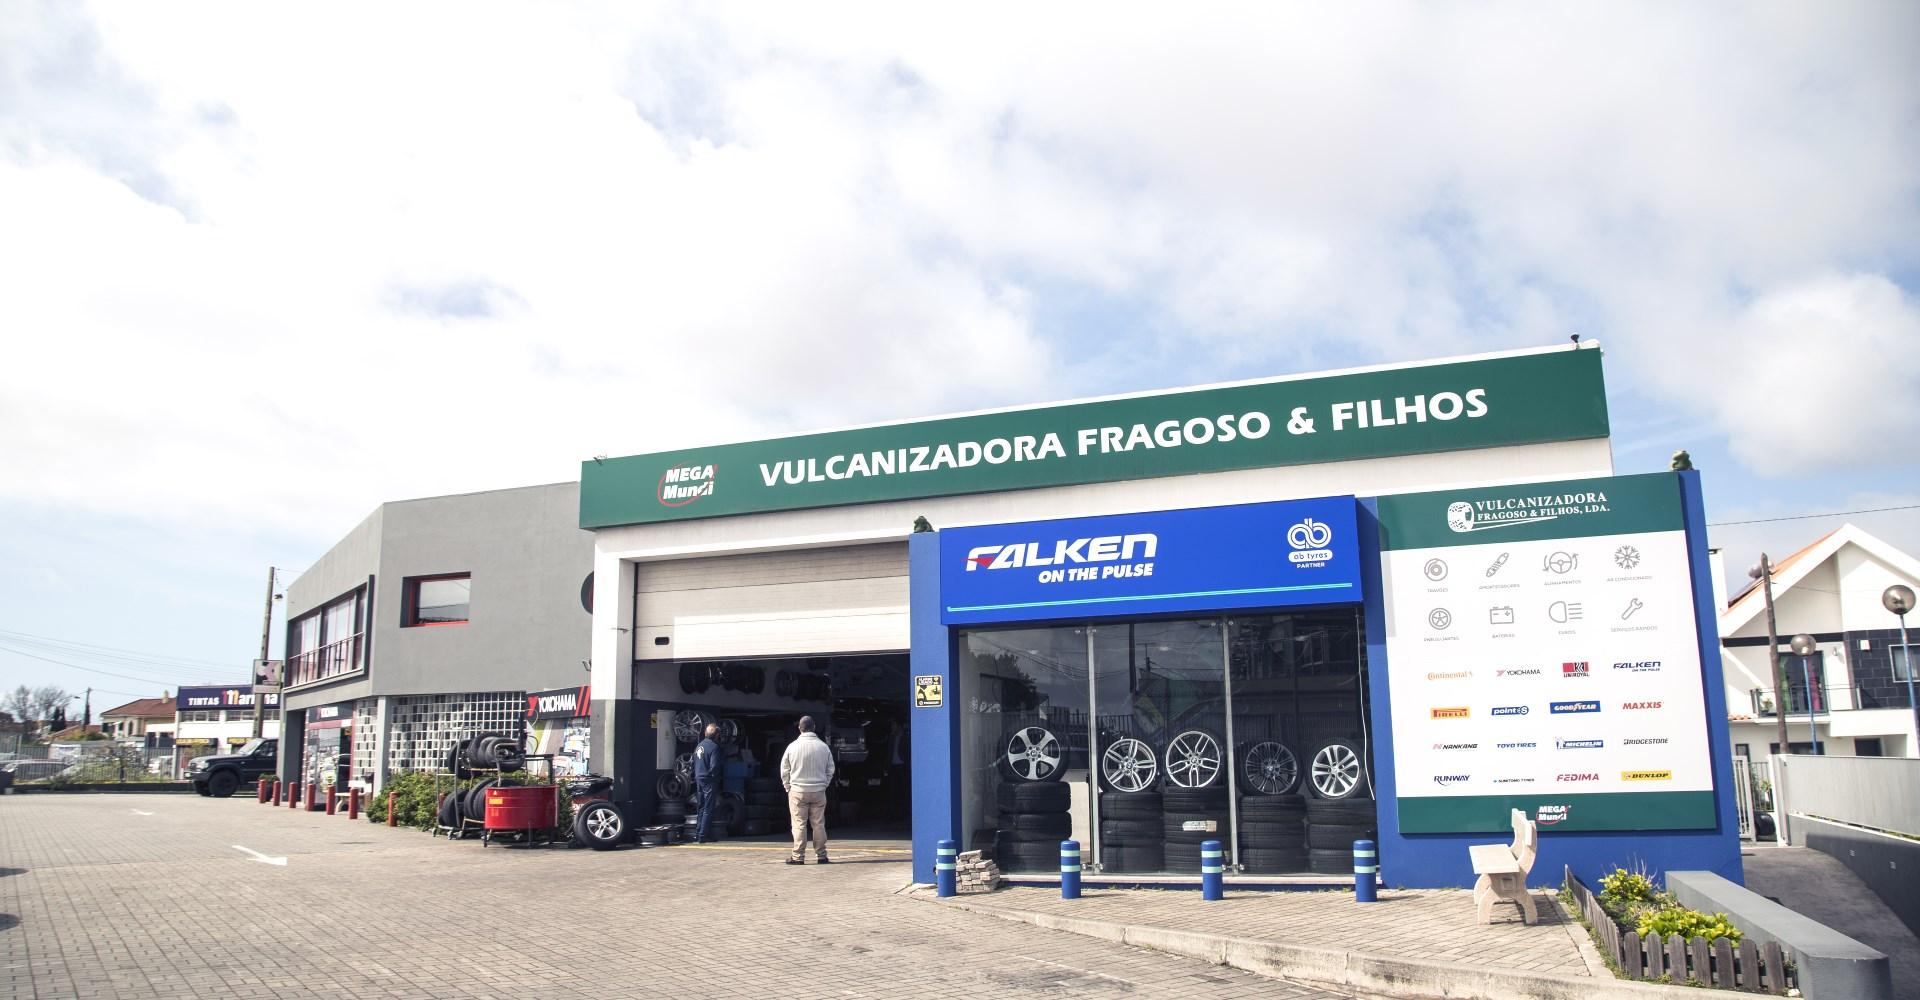 BEM-VINDO À VULCANIZADORA FRAGOSO & FILHOS